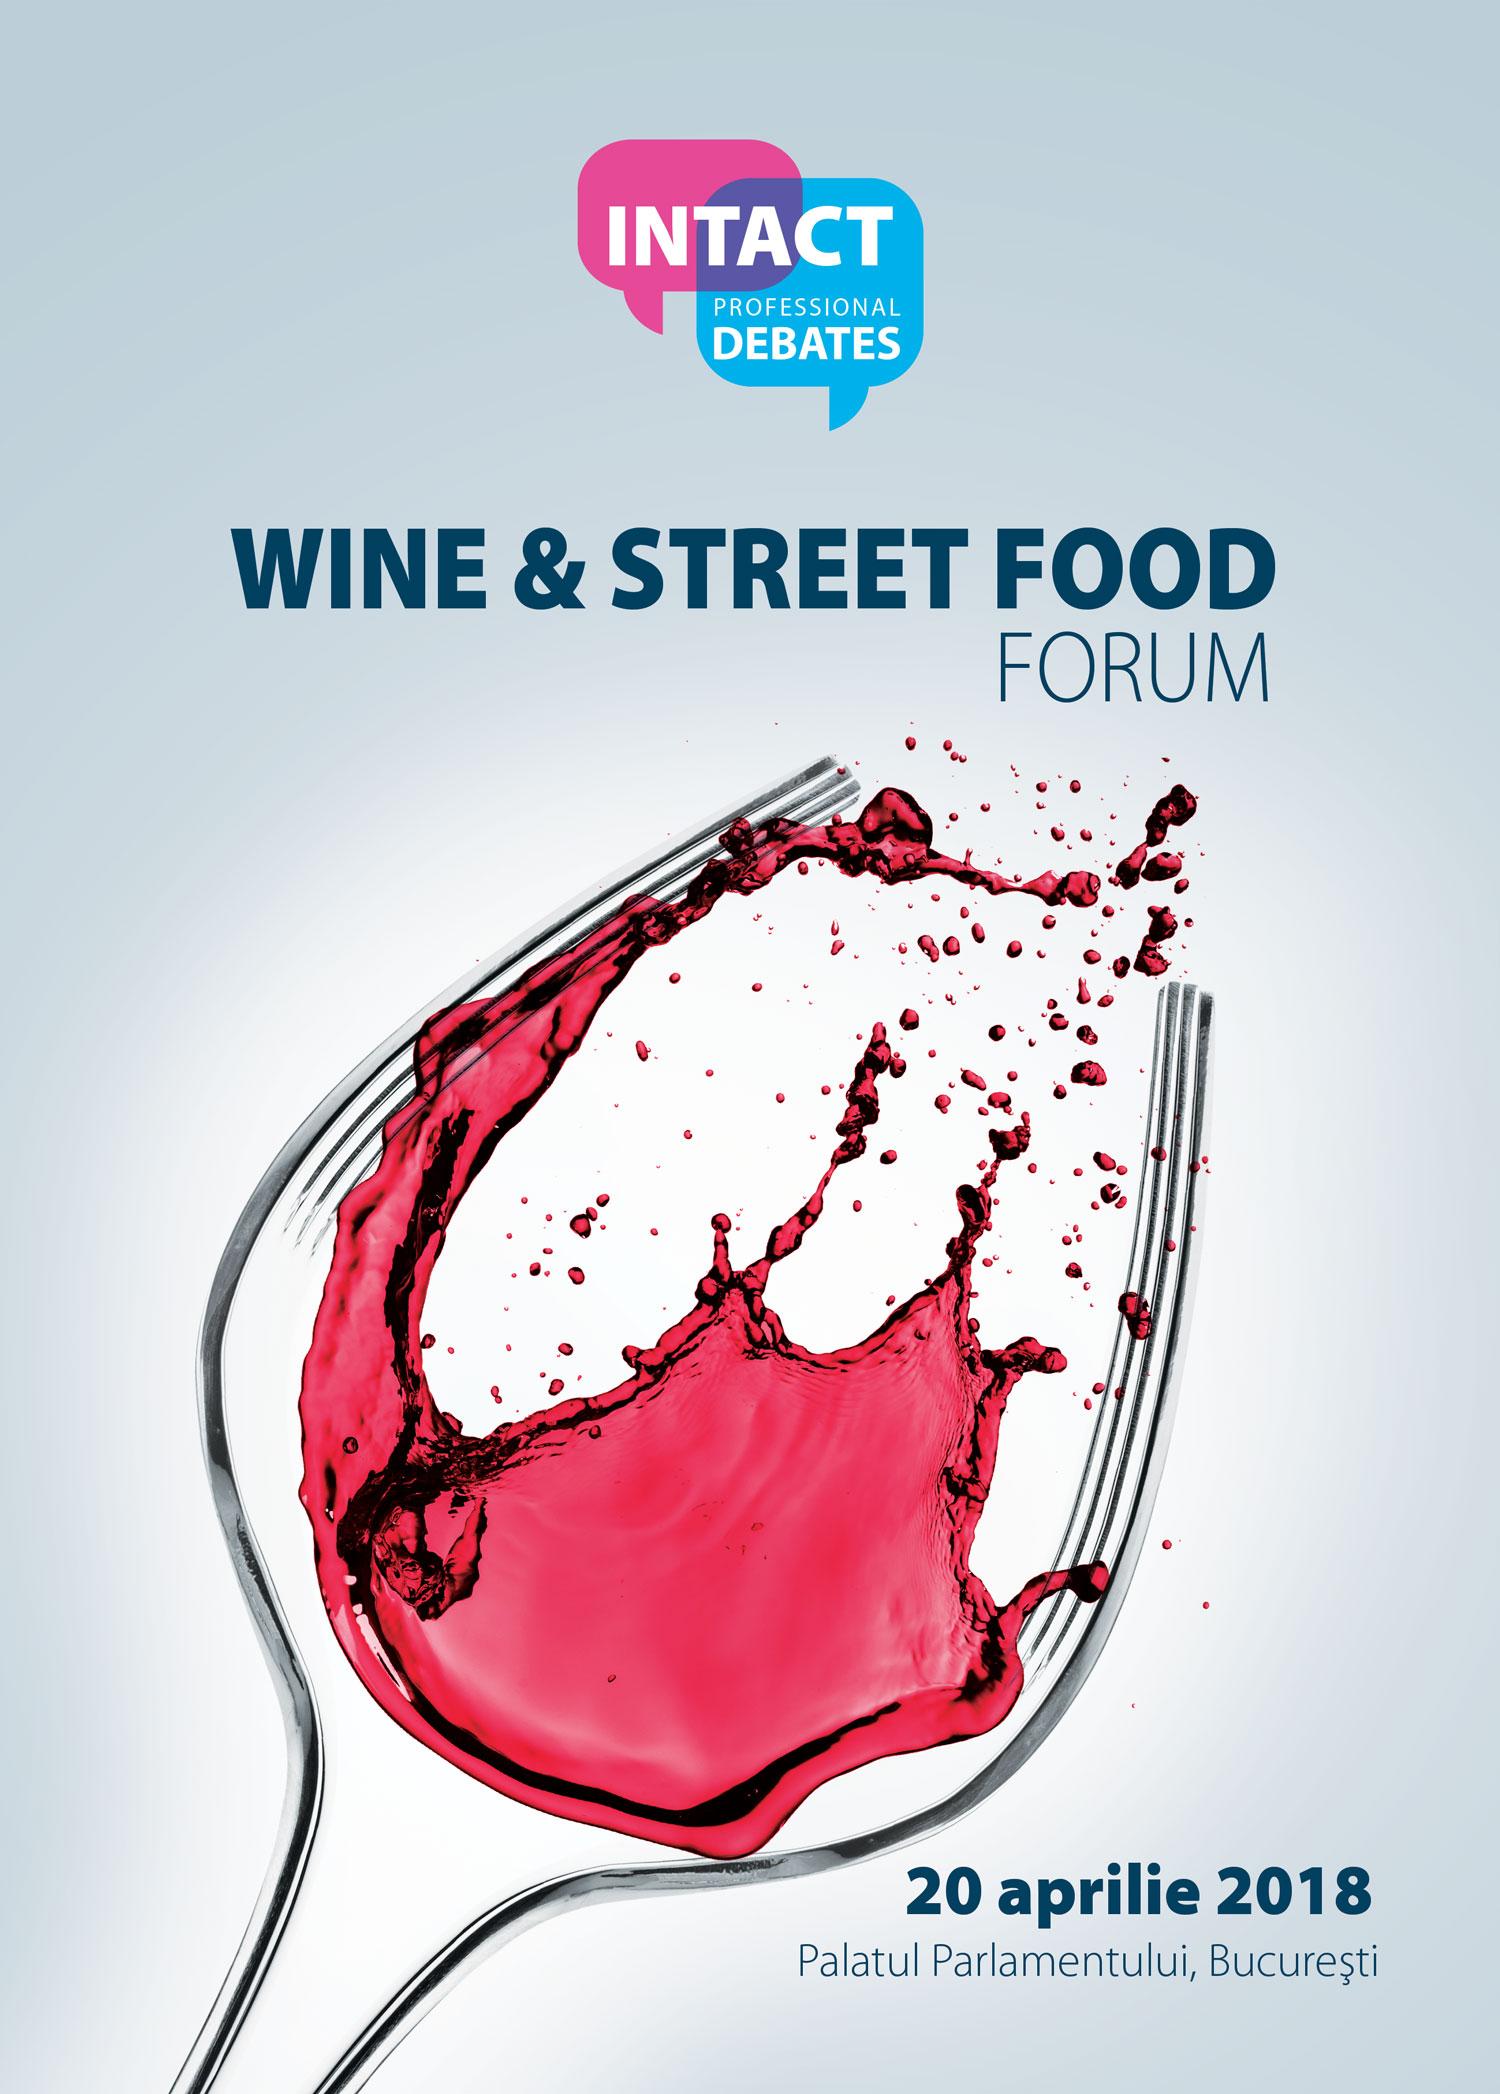 Wine & street food